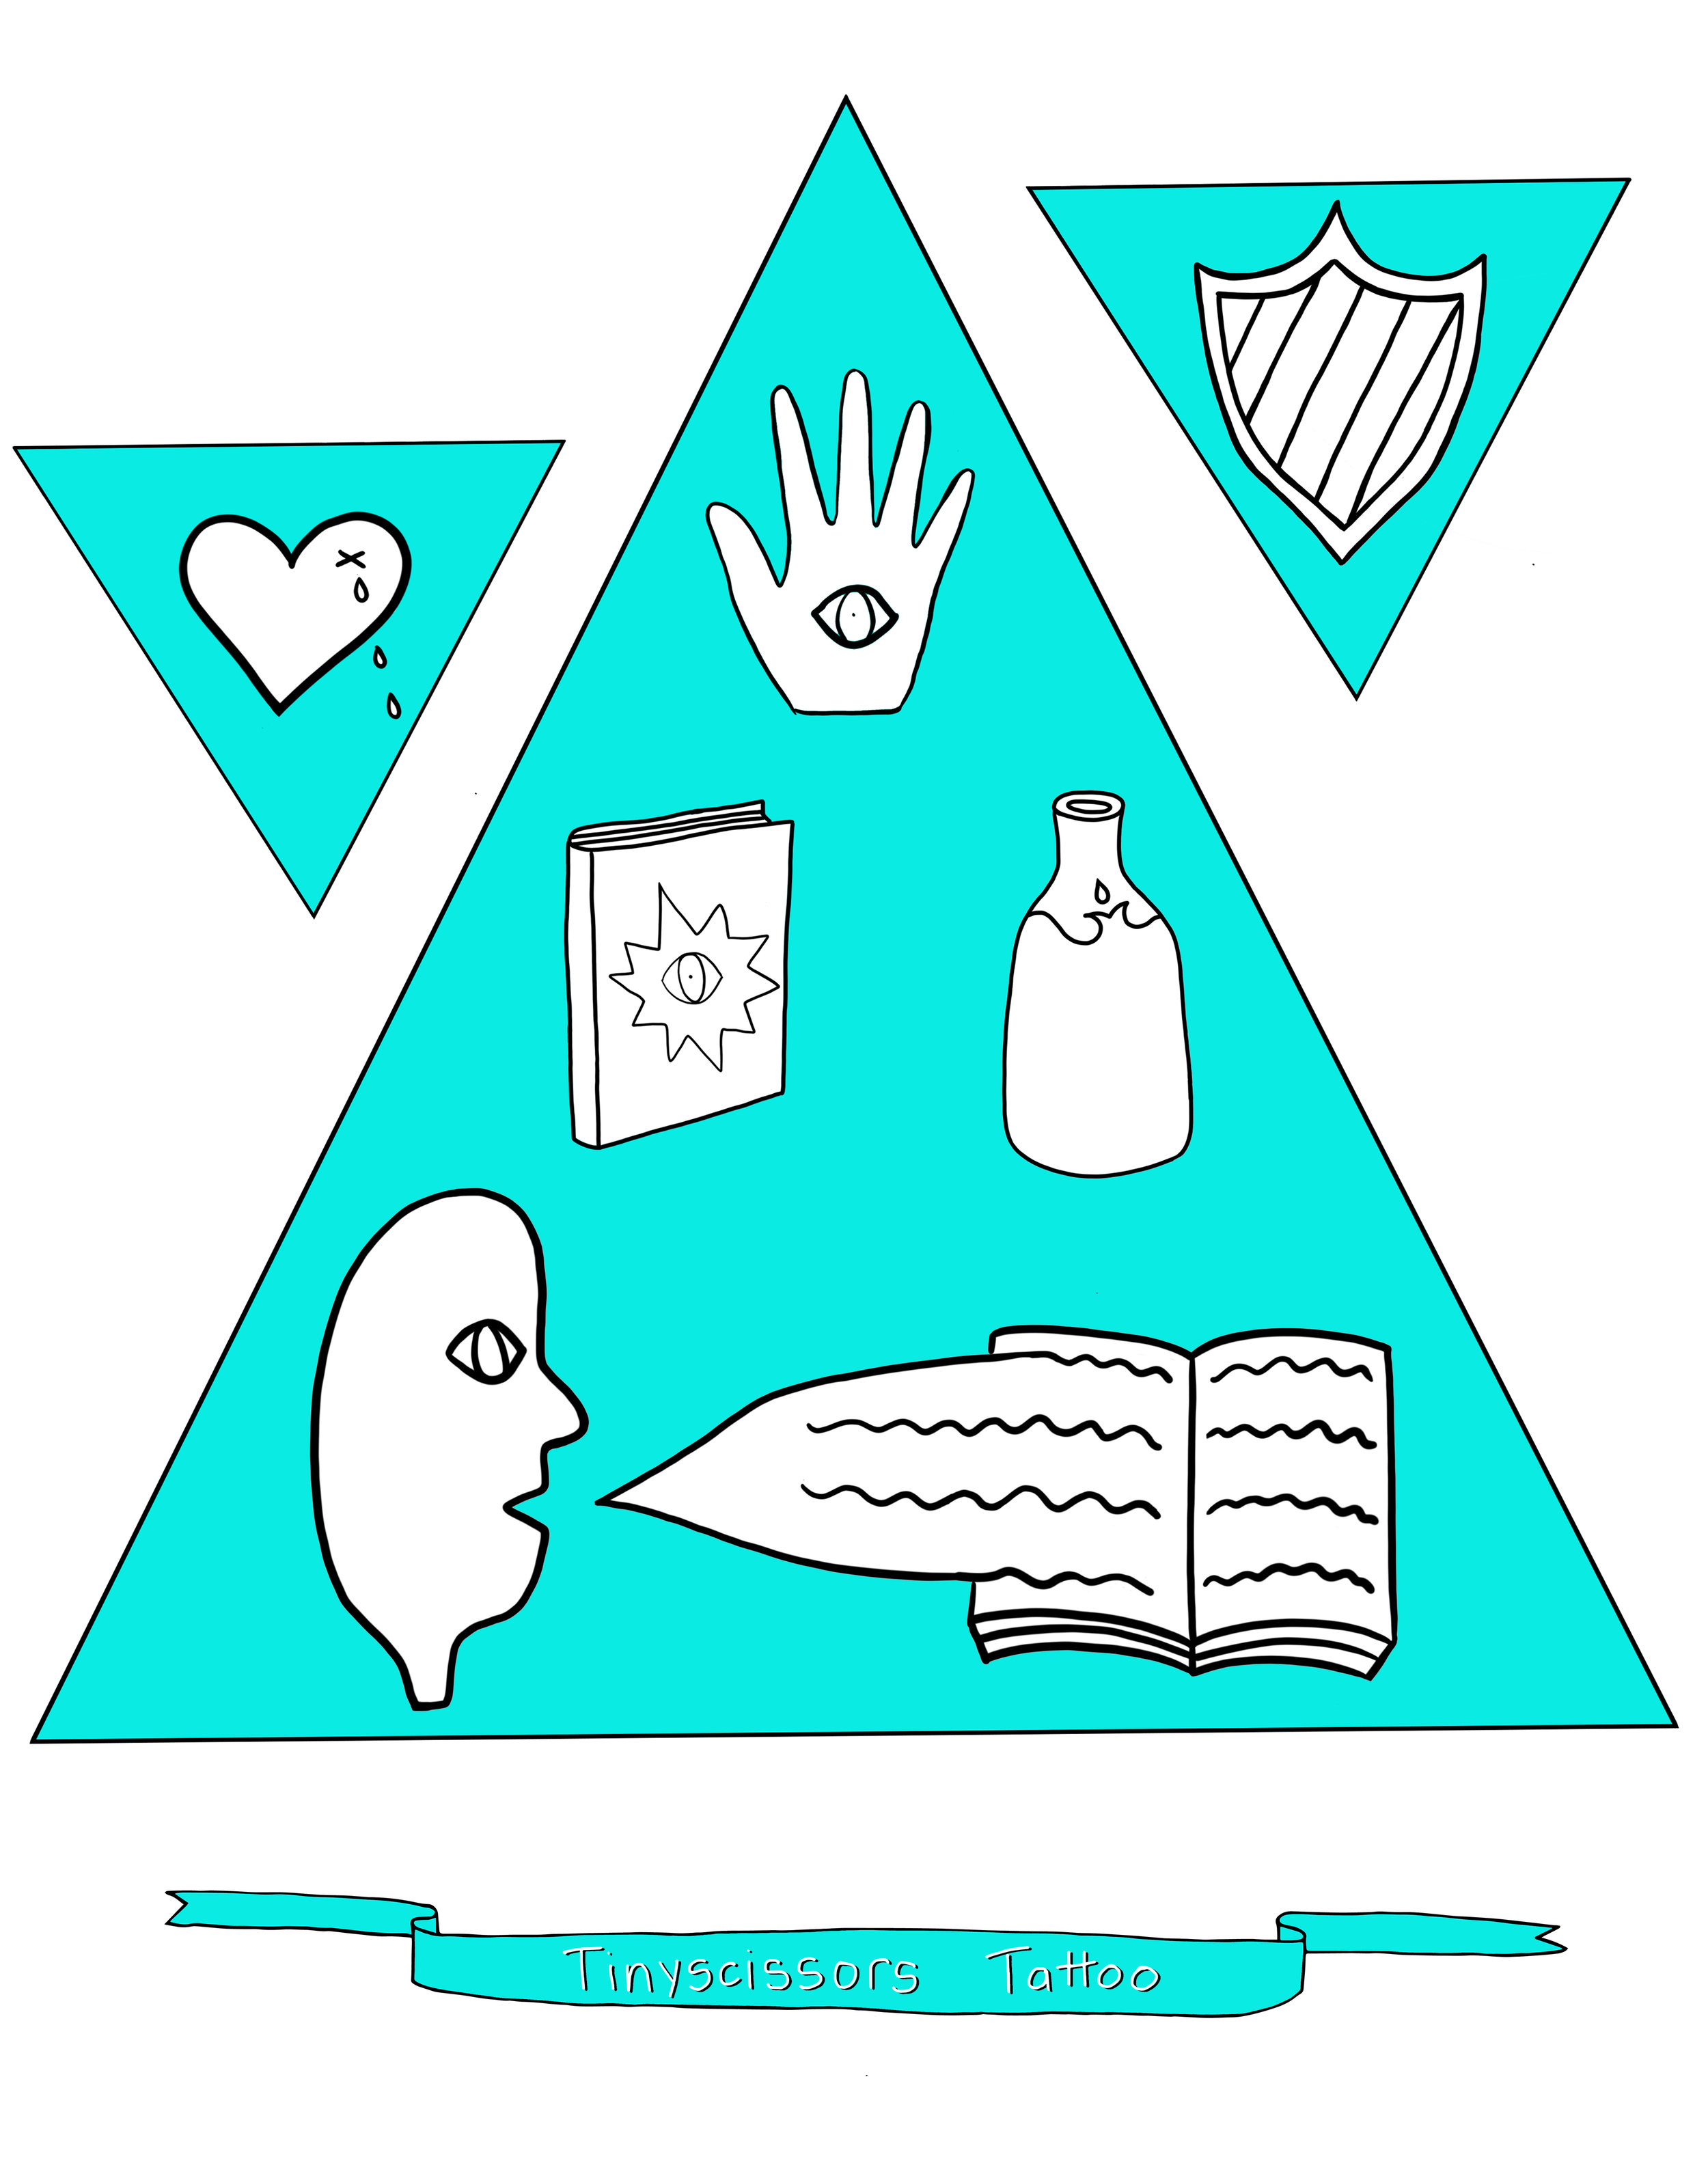 Tinyscissors Tattoo Flash Page #2